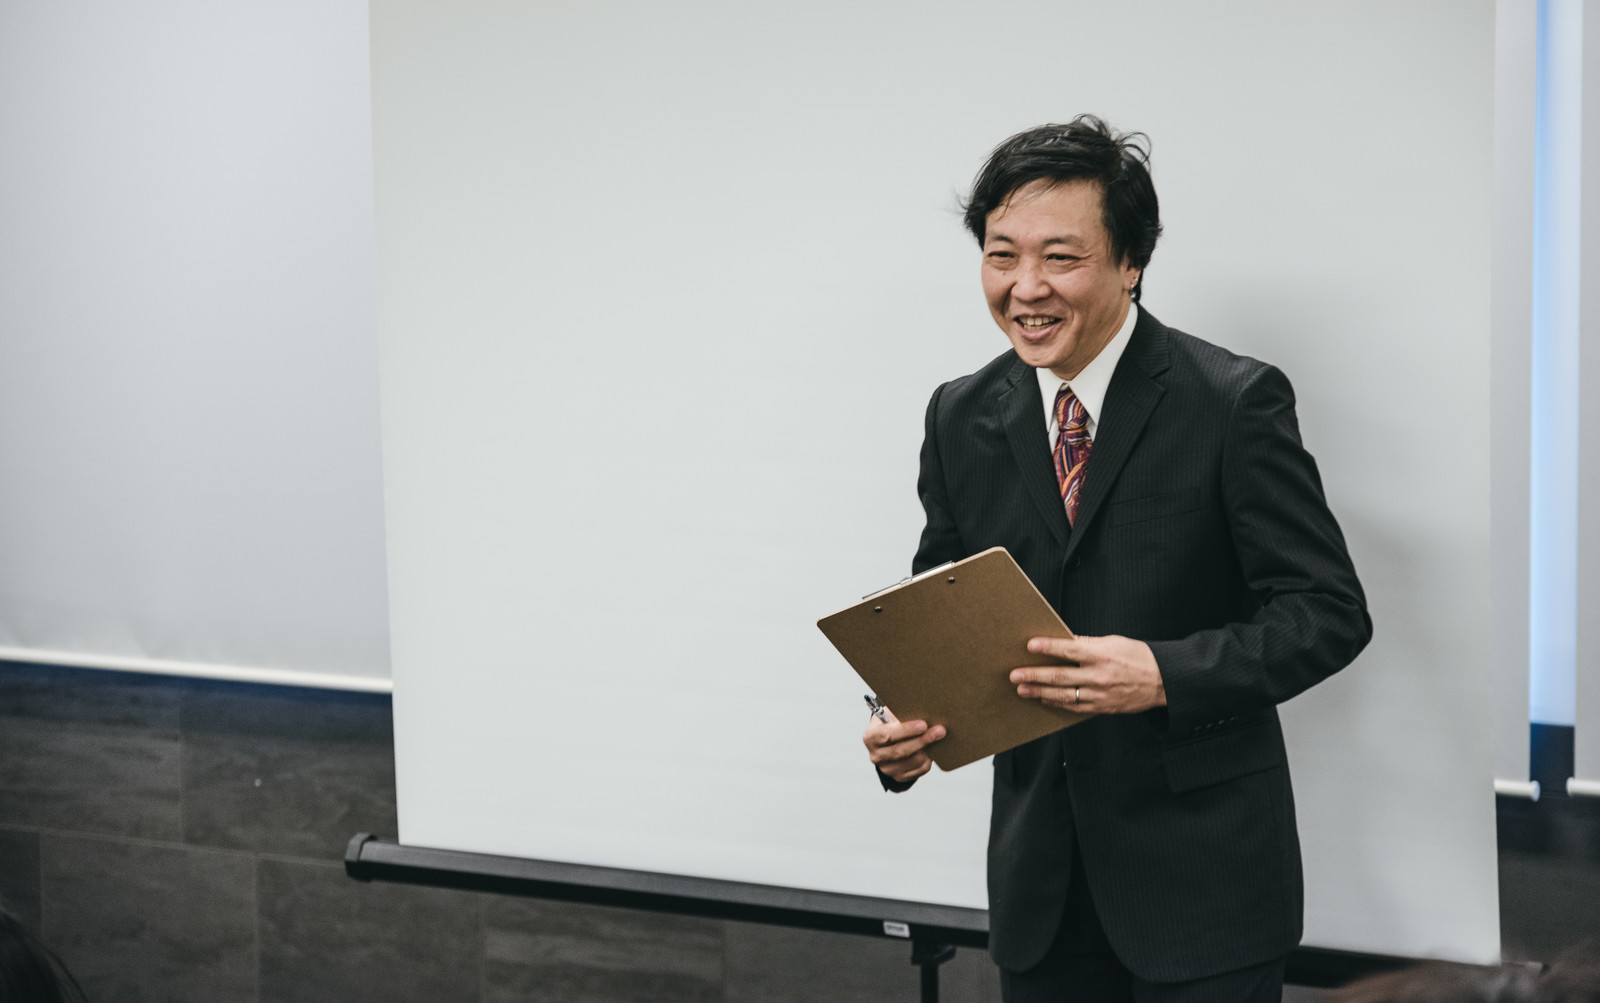 「笑顔でセミナー参加者と対話する塾長」の写真[モデル:のせさん]